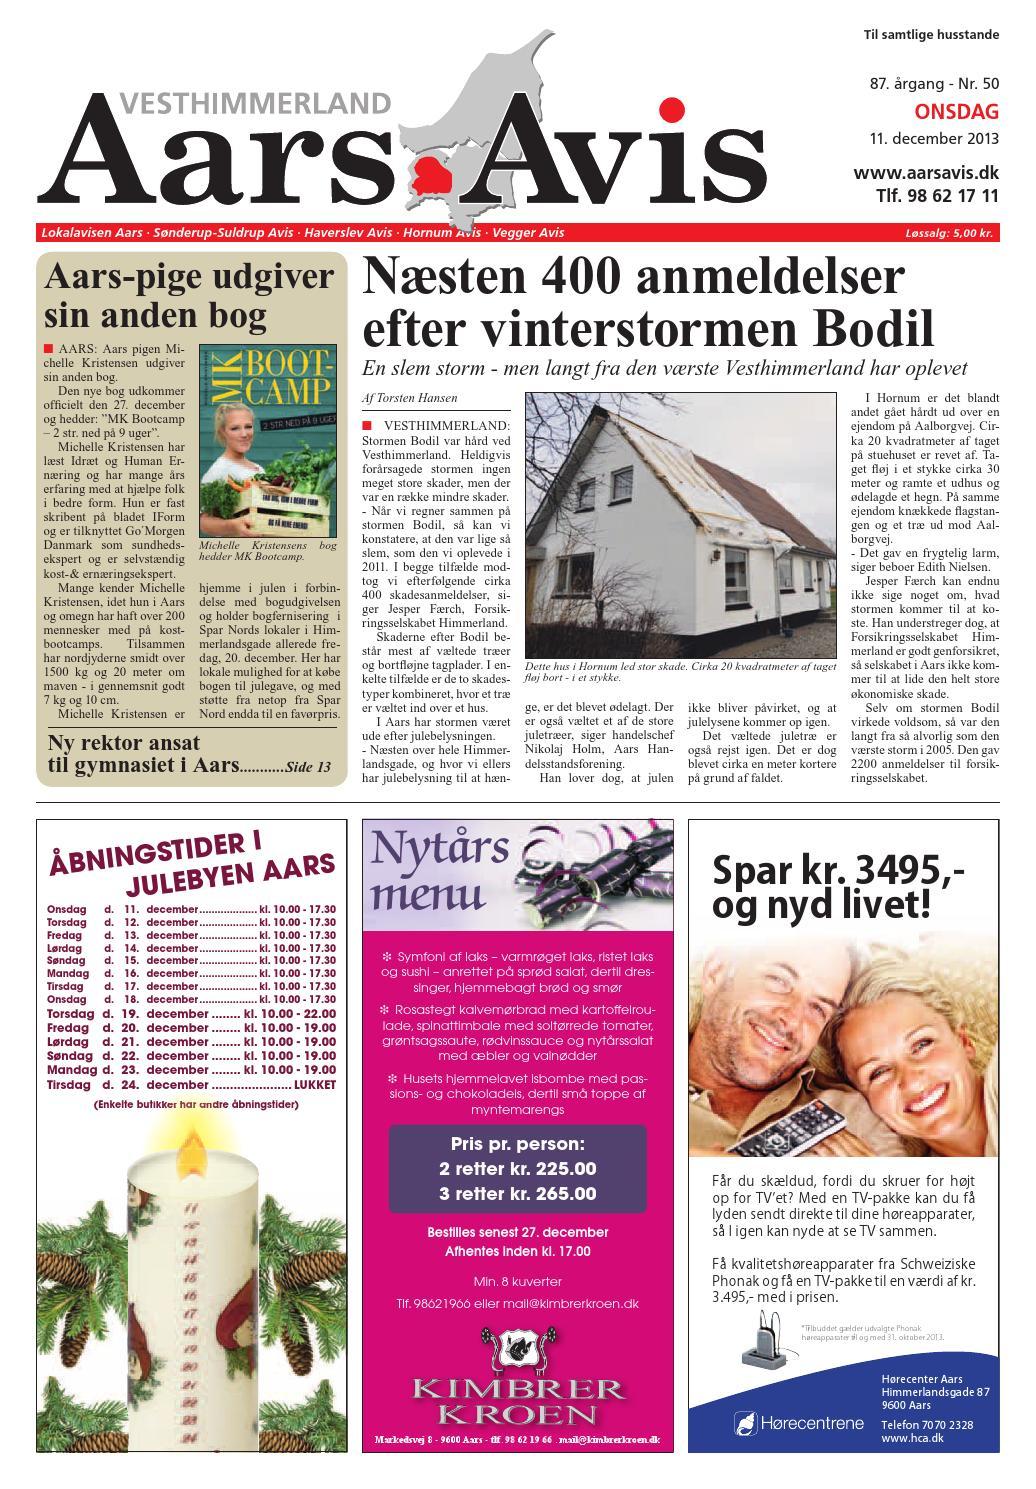 ca786230cd0 Aars avis 2013 12 11 by Aars Avis - issuu